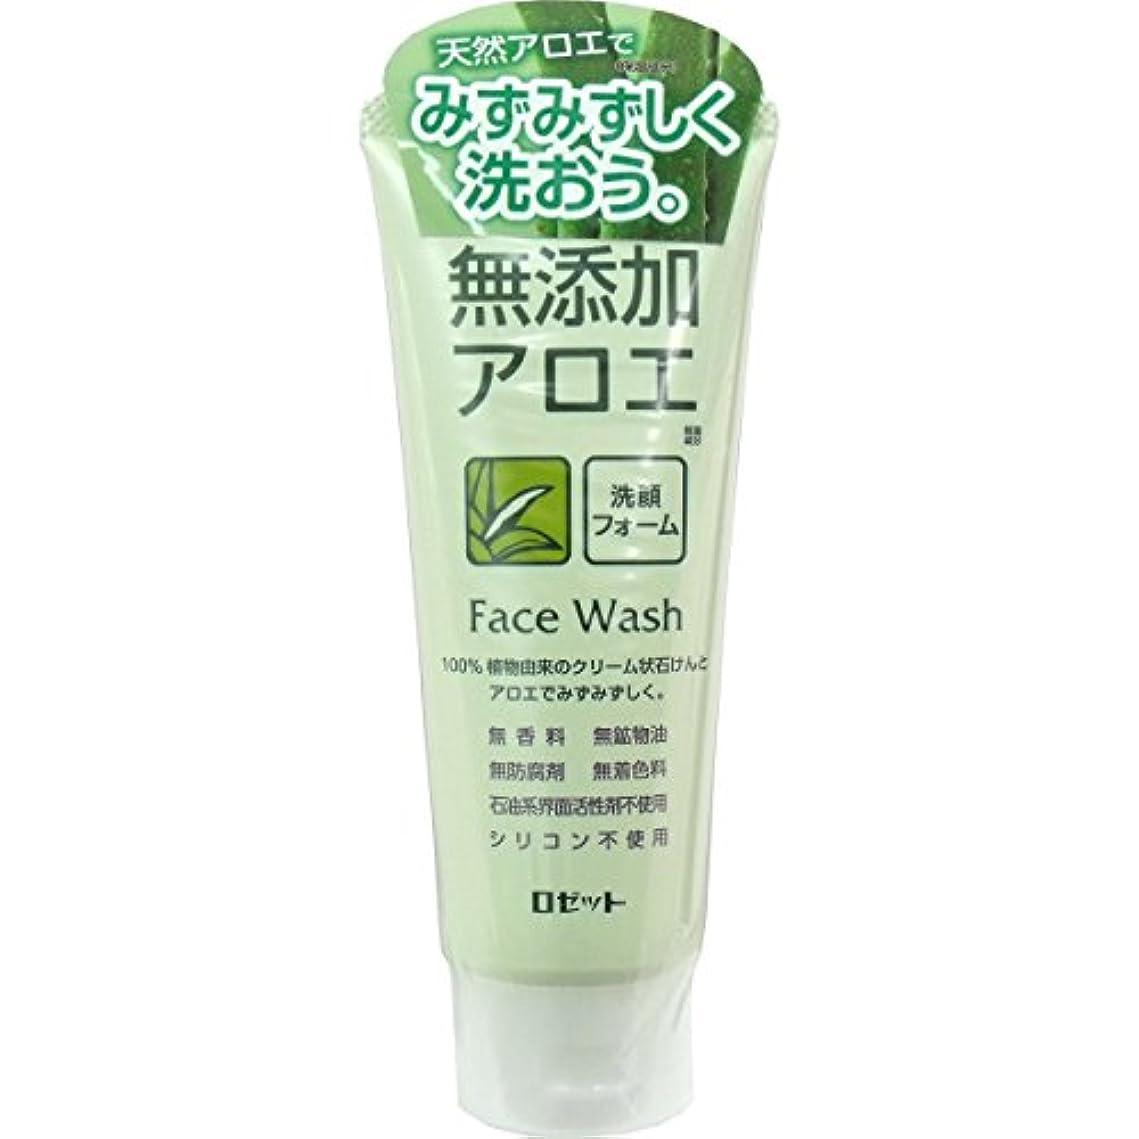 乱用義務づける問題【ロゼット】無添加アロエ 洗顔フォーム 140g ×20個セット